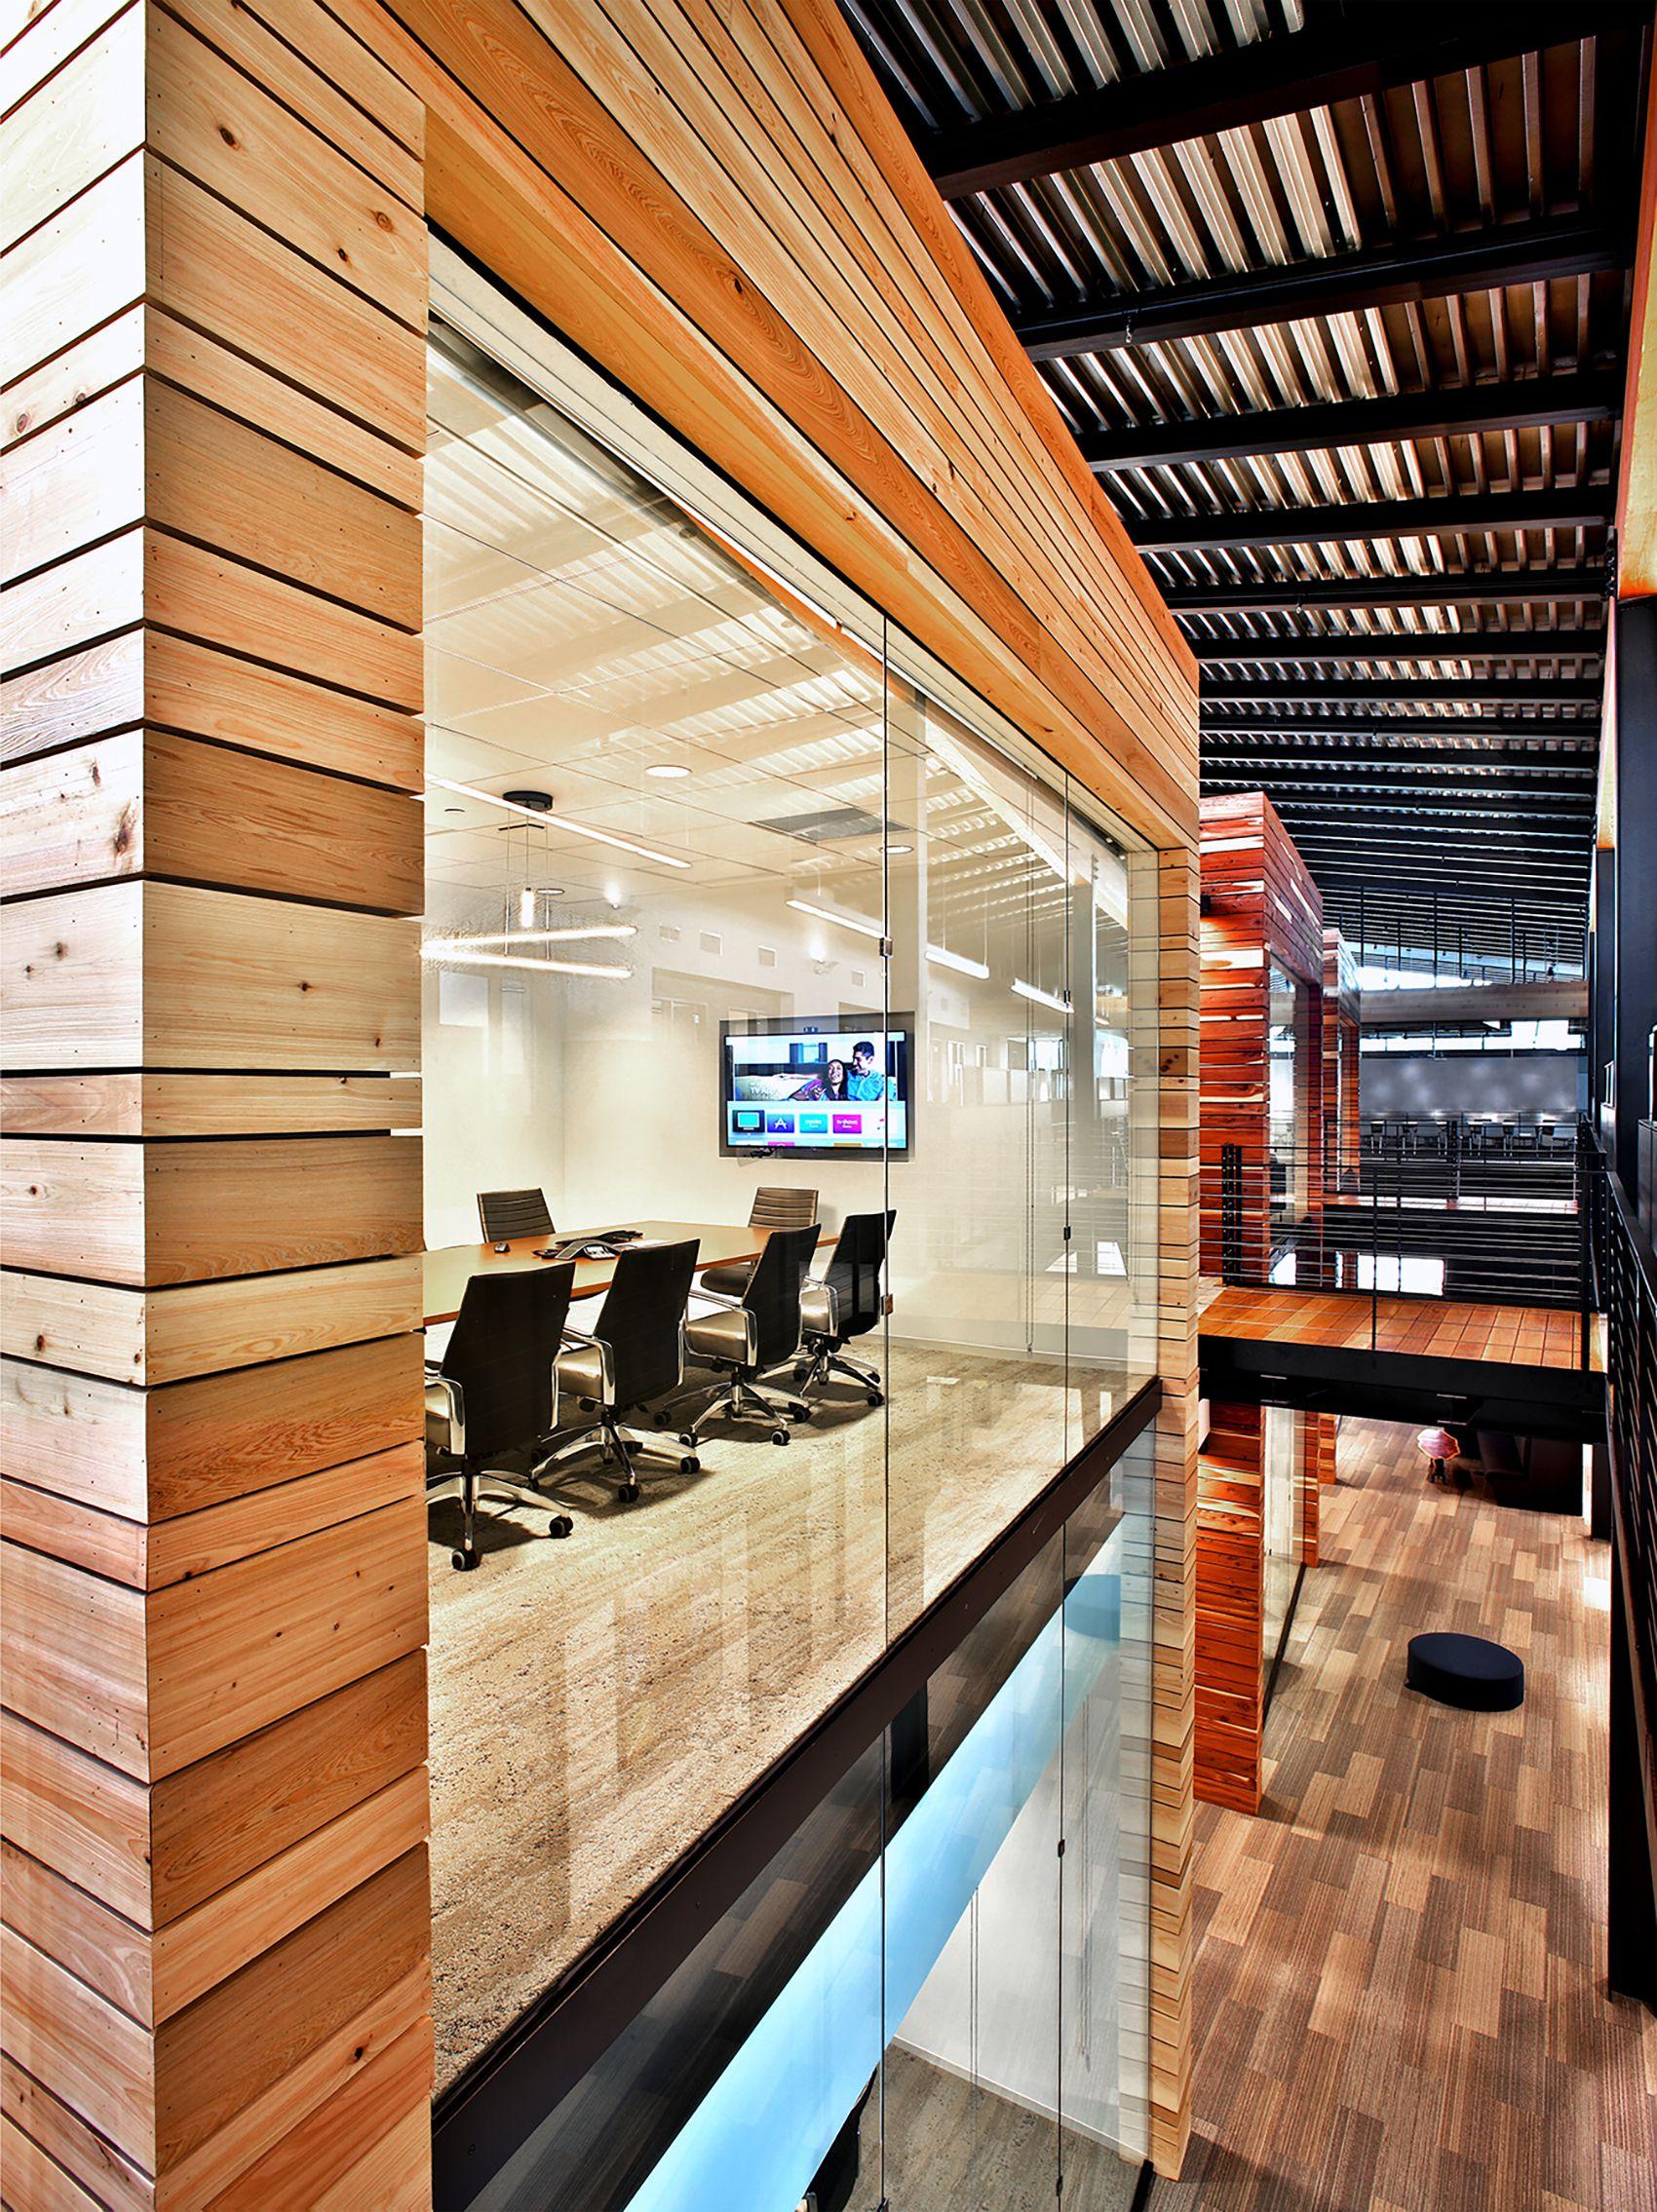 Rayonier-3rd floor tower 2.jpg